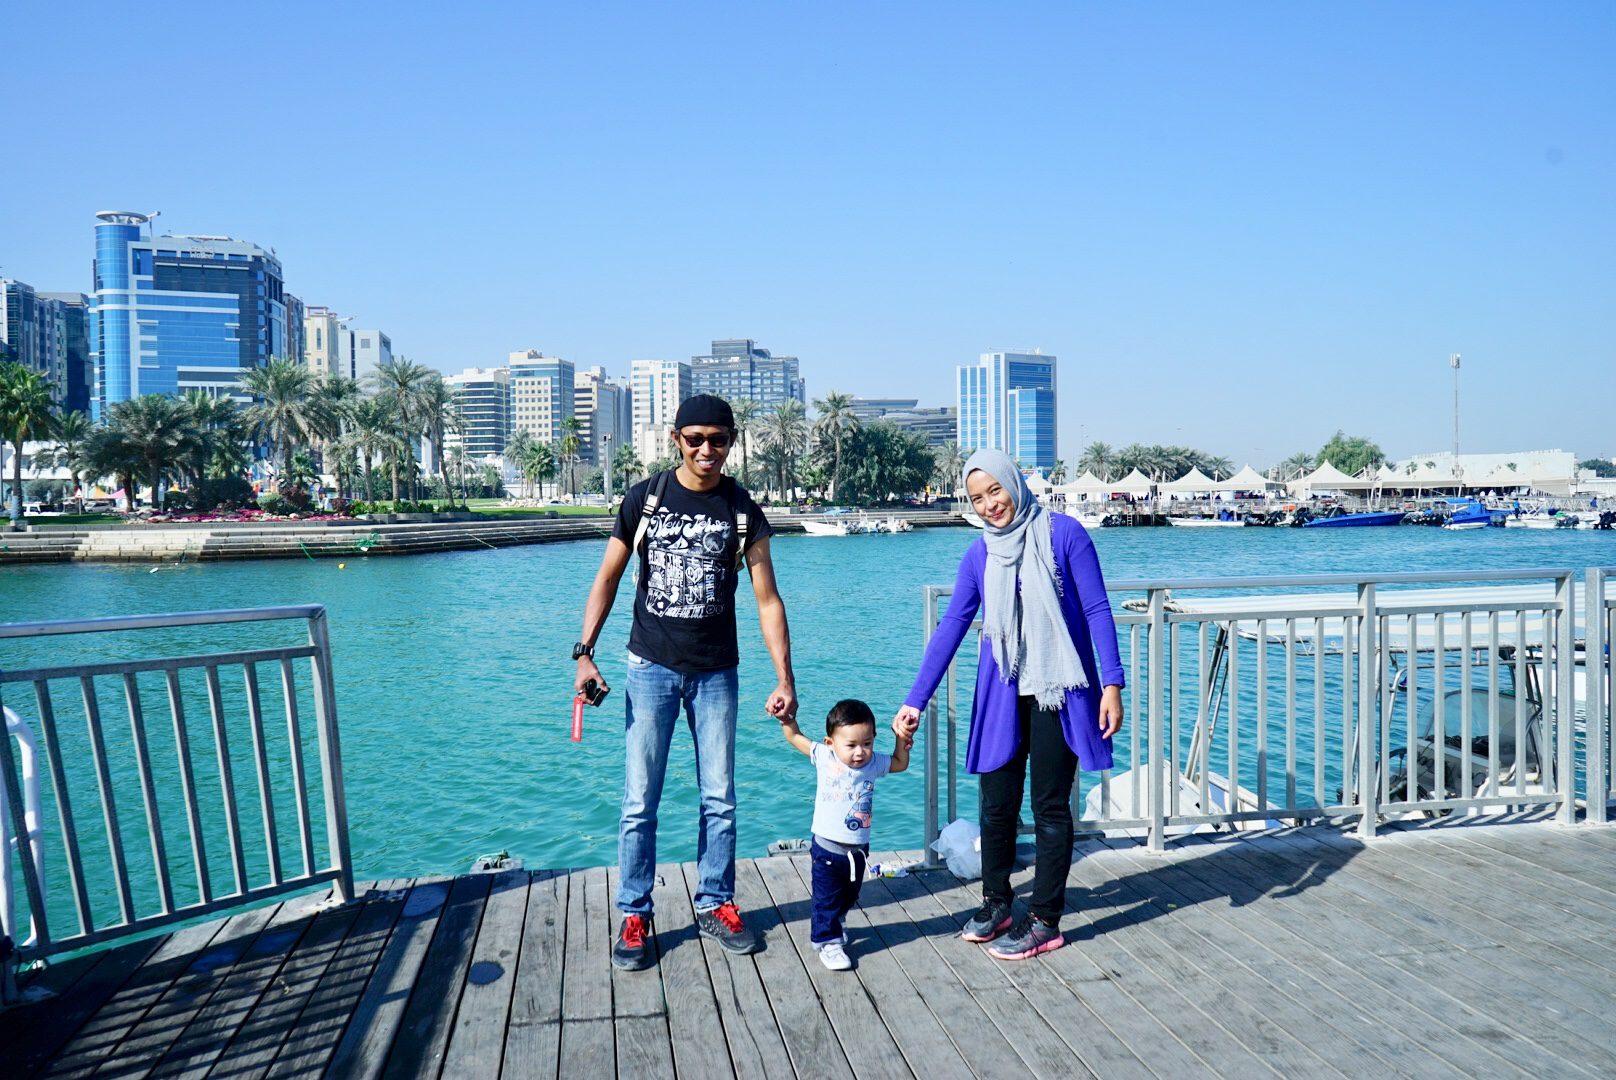 Potraiture @Doha, Qatar 🇶🇦